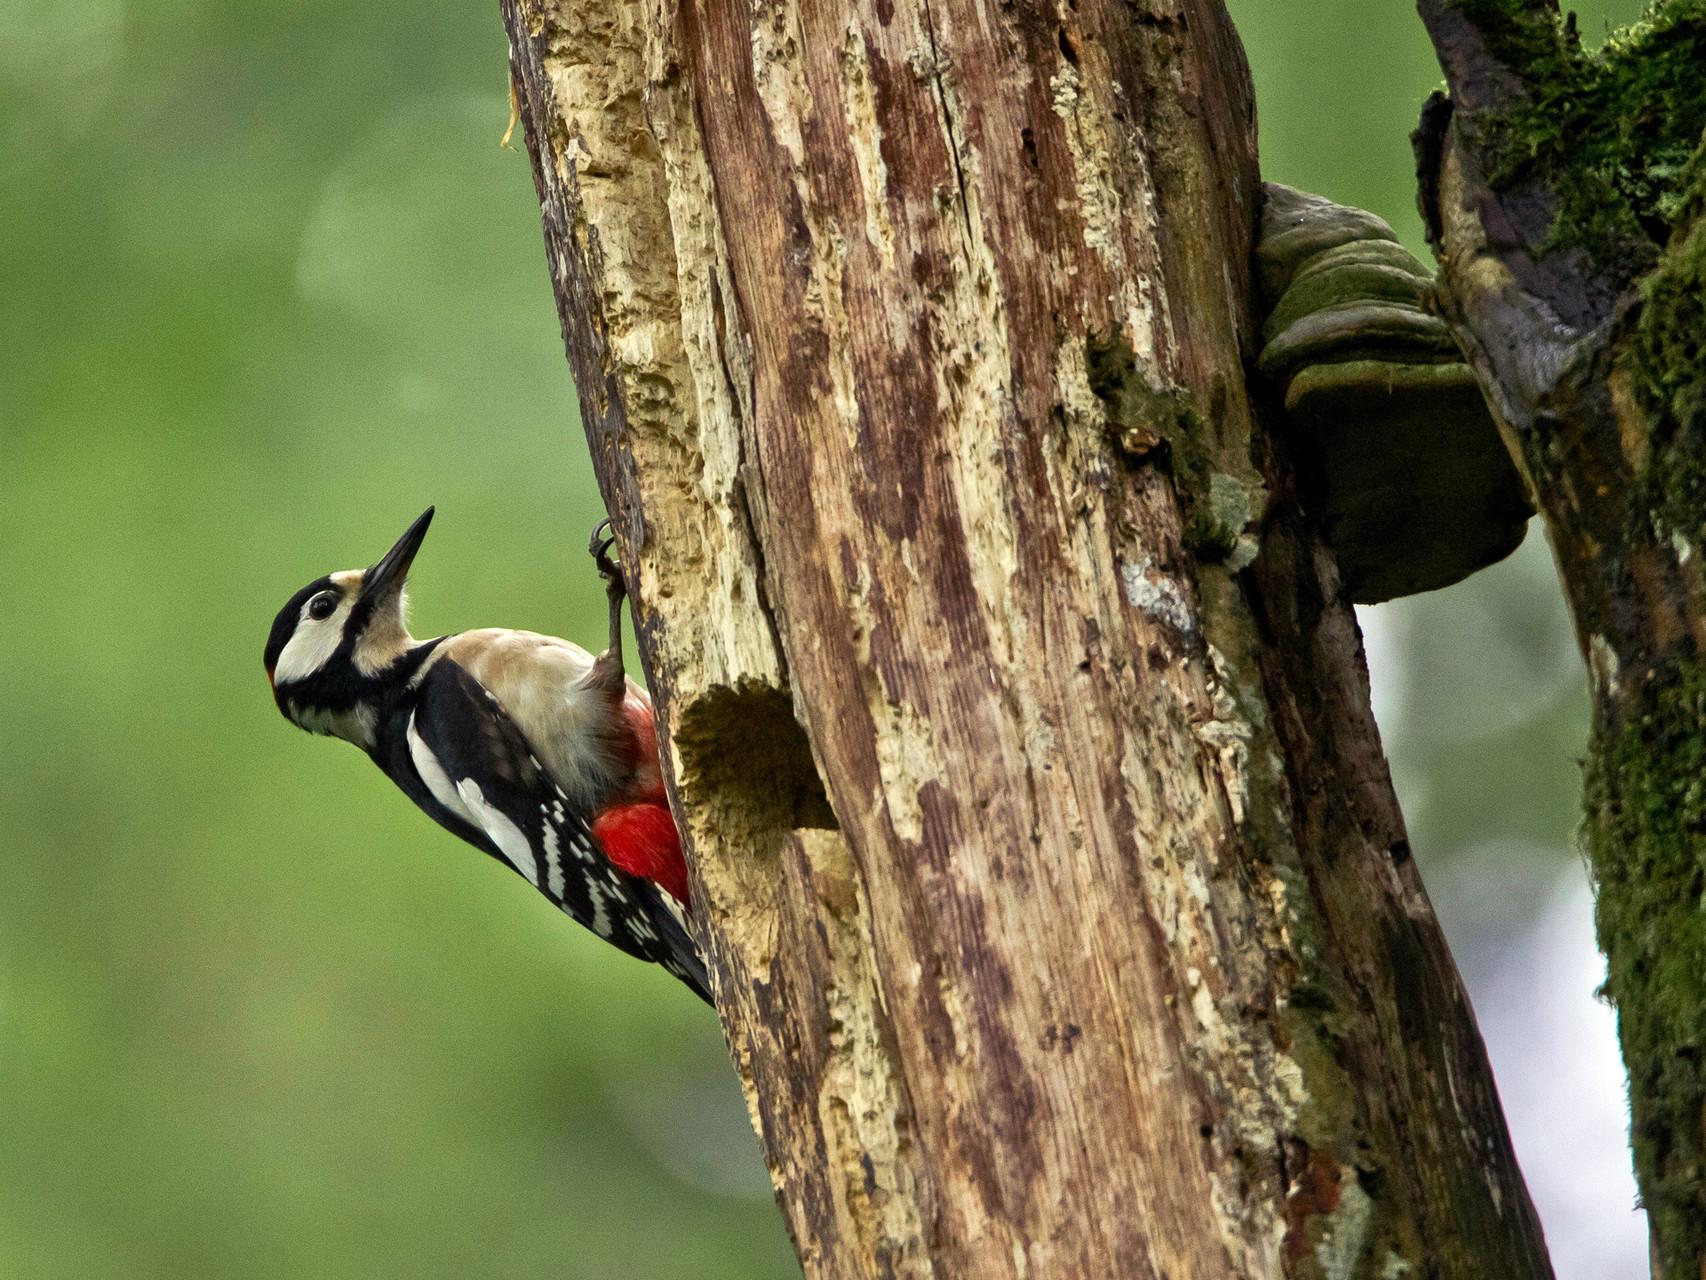 Bereits ab Februar beginnt die Balz der Buntspechte. Sowohl Männchen wie Weibchen trommeln dabei auf morsche Äste